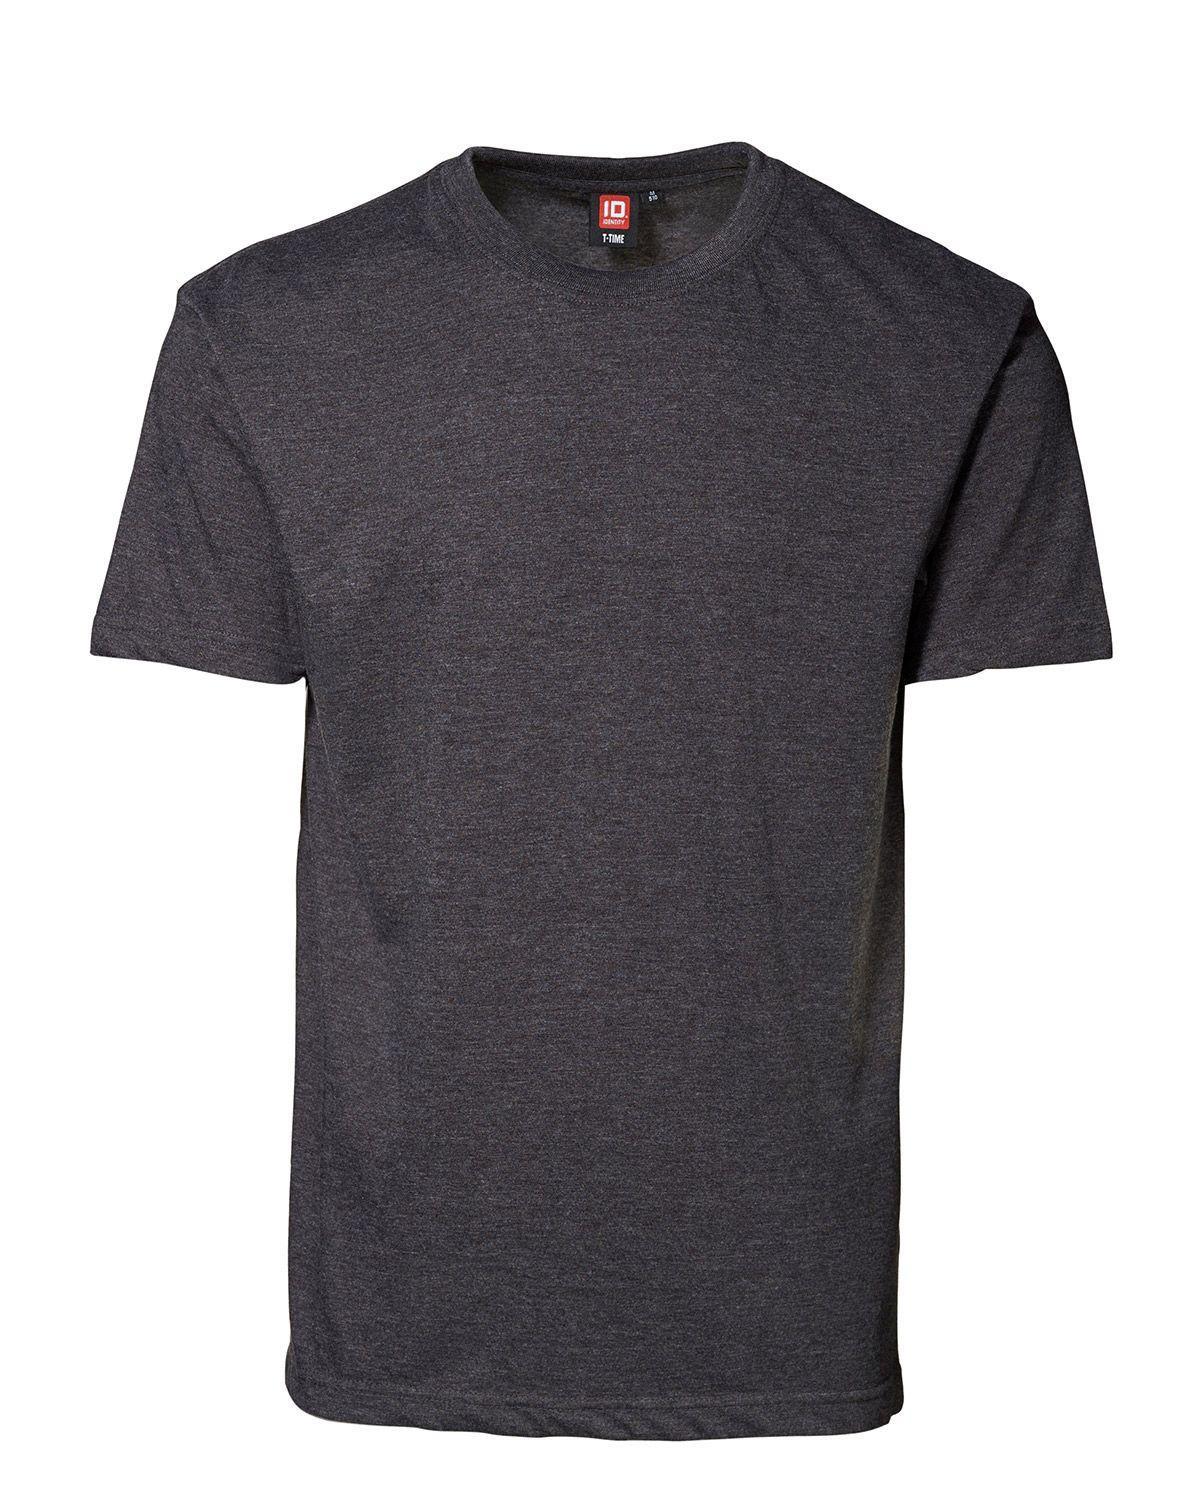 ID T-Time T-shirt, rund hals (Antracit, 4XL)